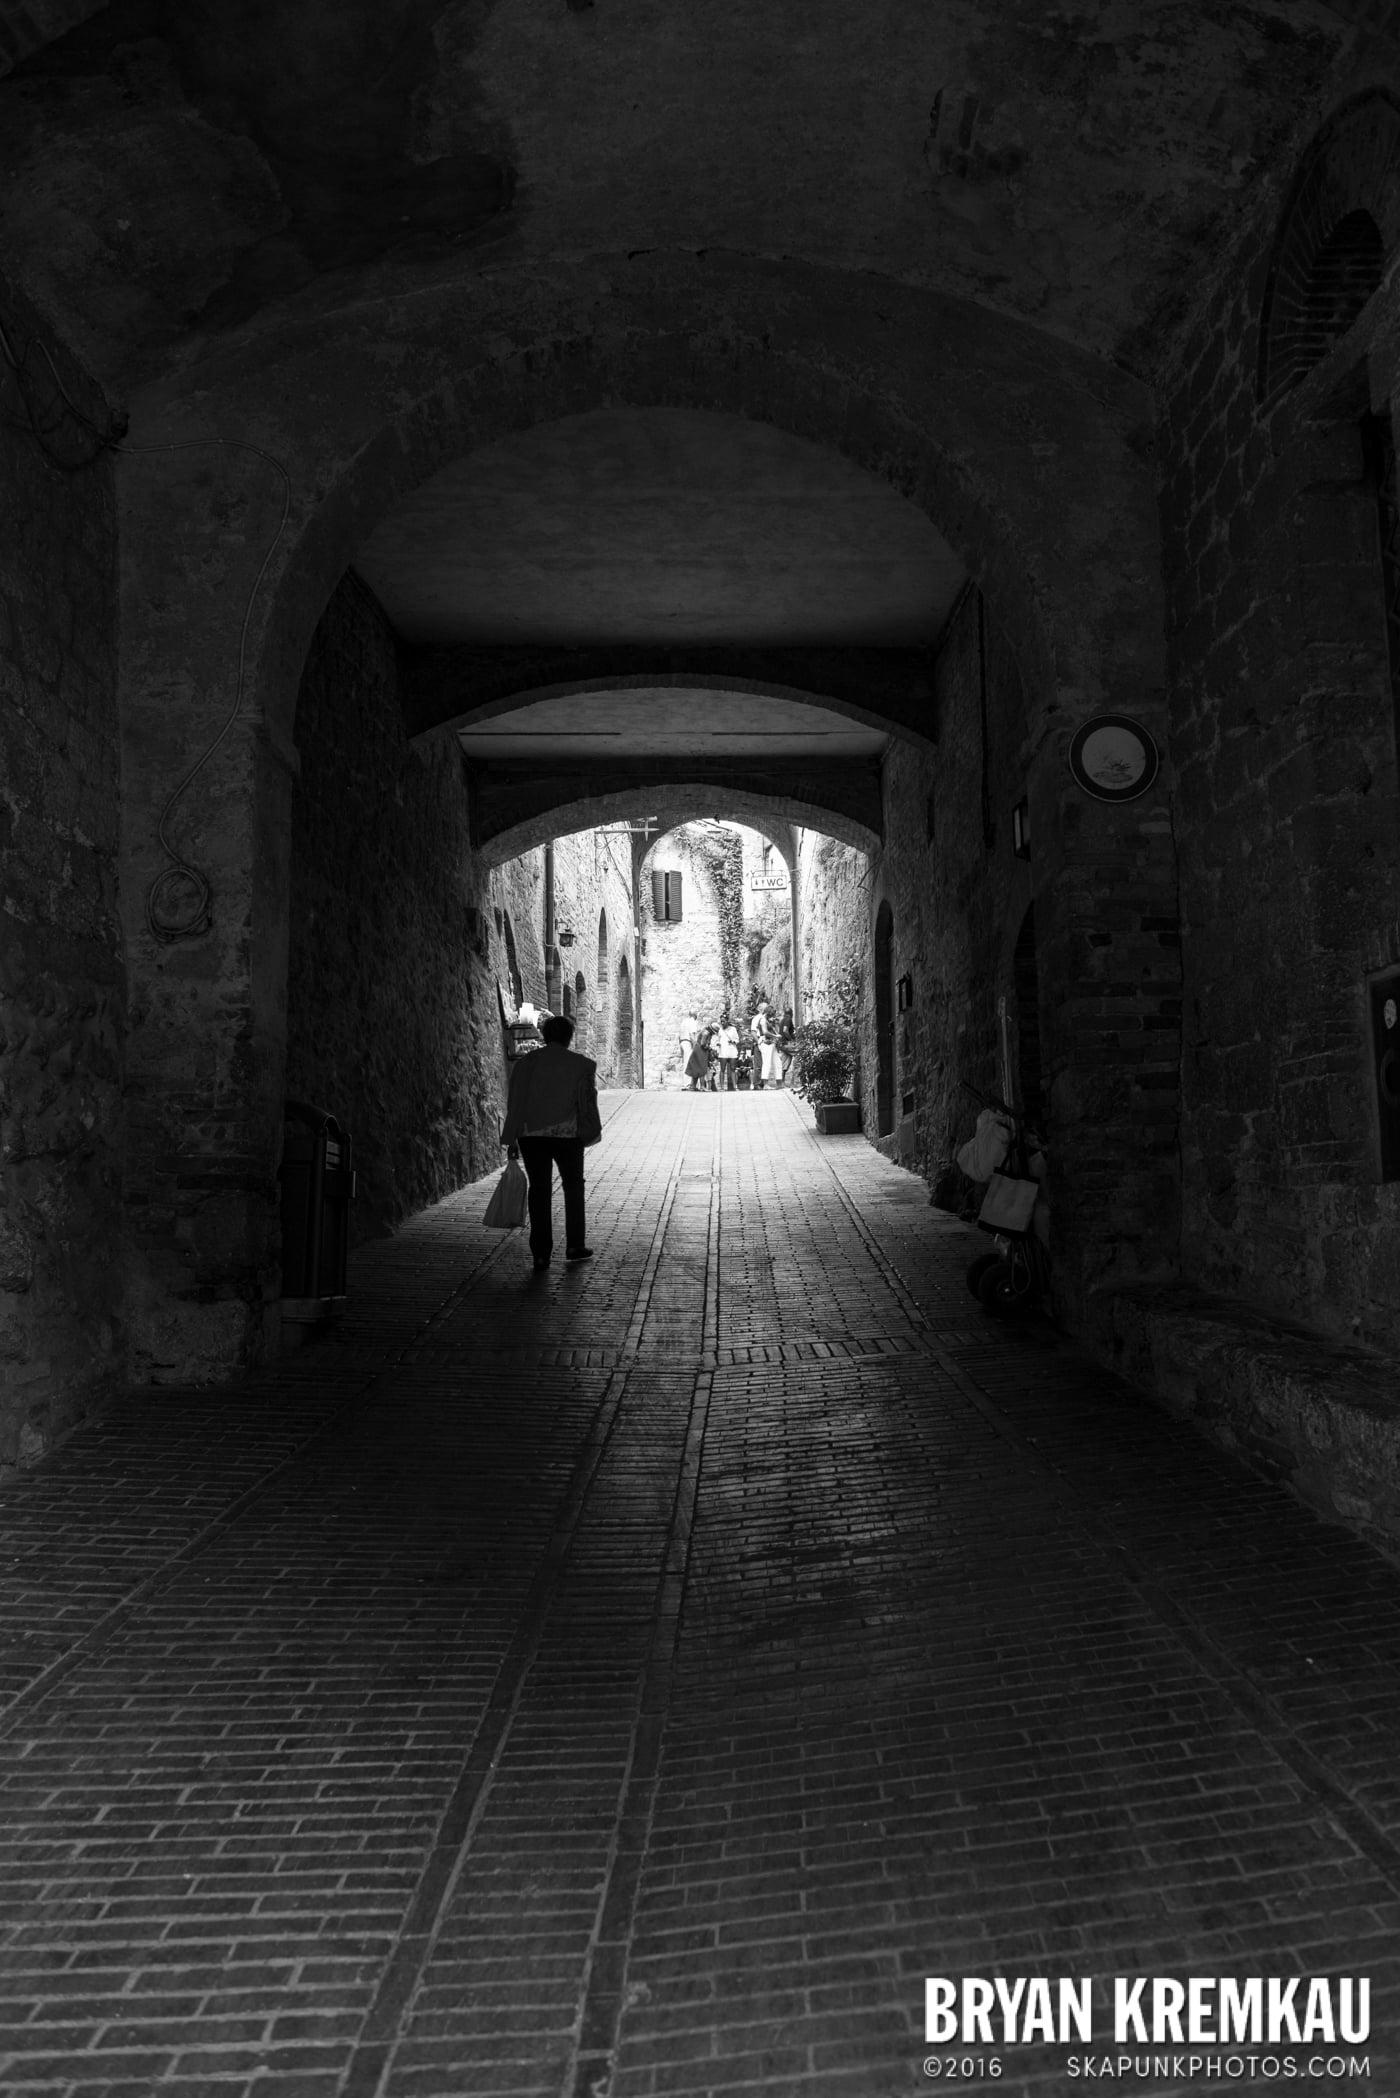 Italy Vacation - Day 8: Siena, San Gimignano, Chianti, Pisa - 9.16.13 (70)